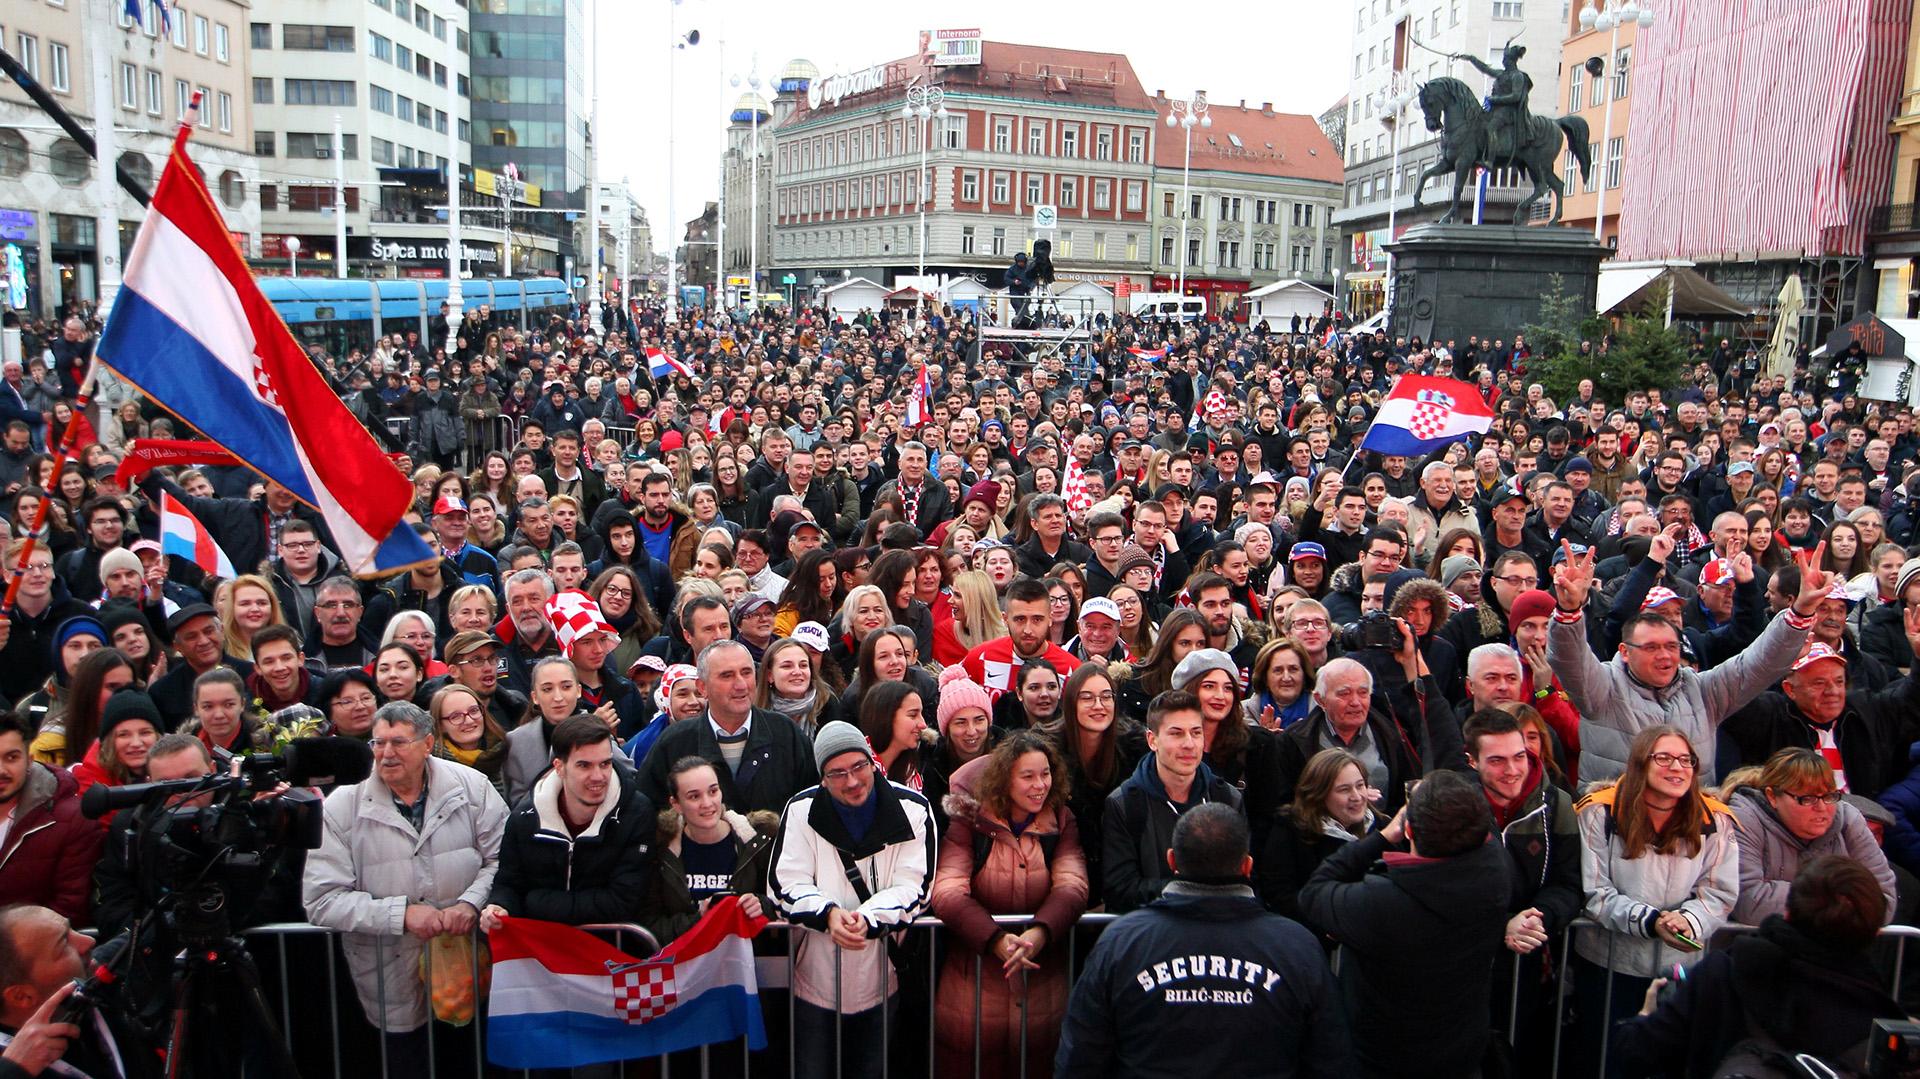 """""""Este es el mejor día de mi vida. Os lo agradezco a todos"""", dijo a los reunidos el jugador Borna Coric, un joven talento de 22 años que fue quien abrió el viernes la final, ganando el primer punto para Croacia, al superar a Jeremy Chardy"""